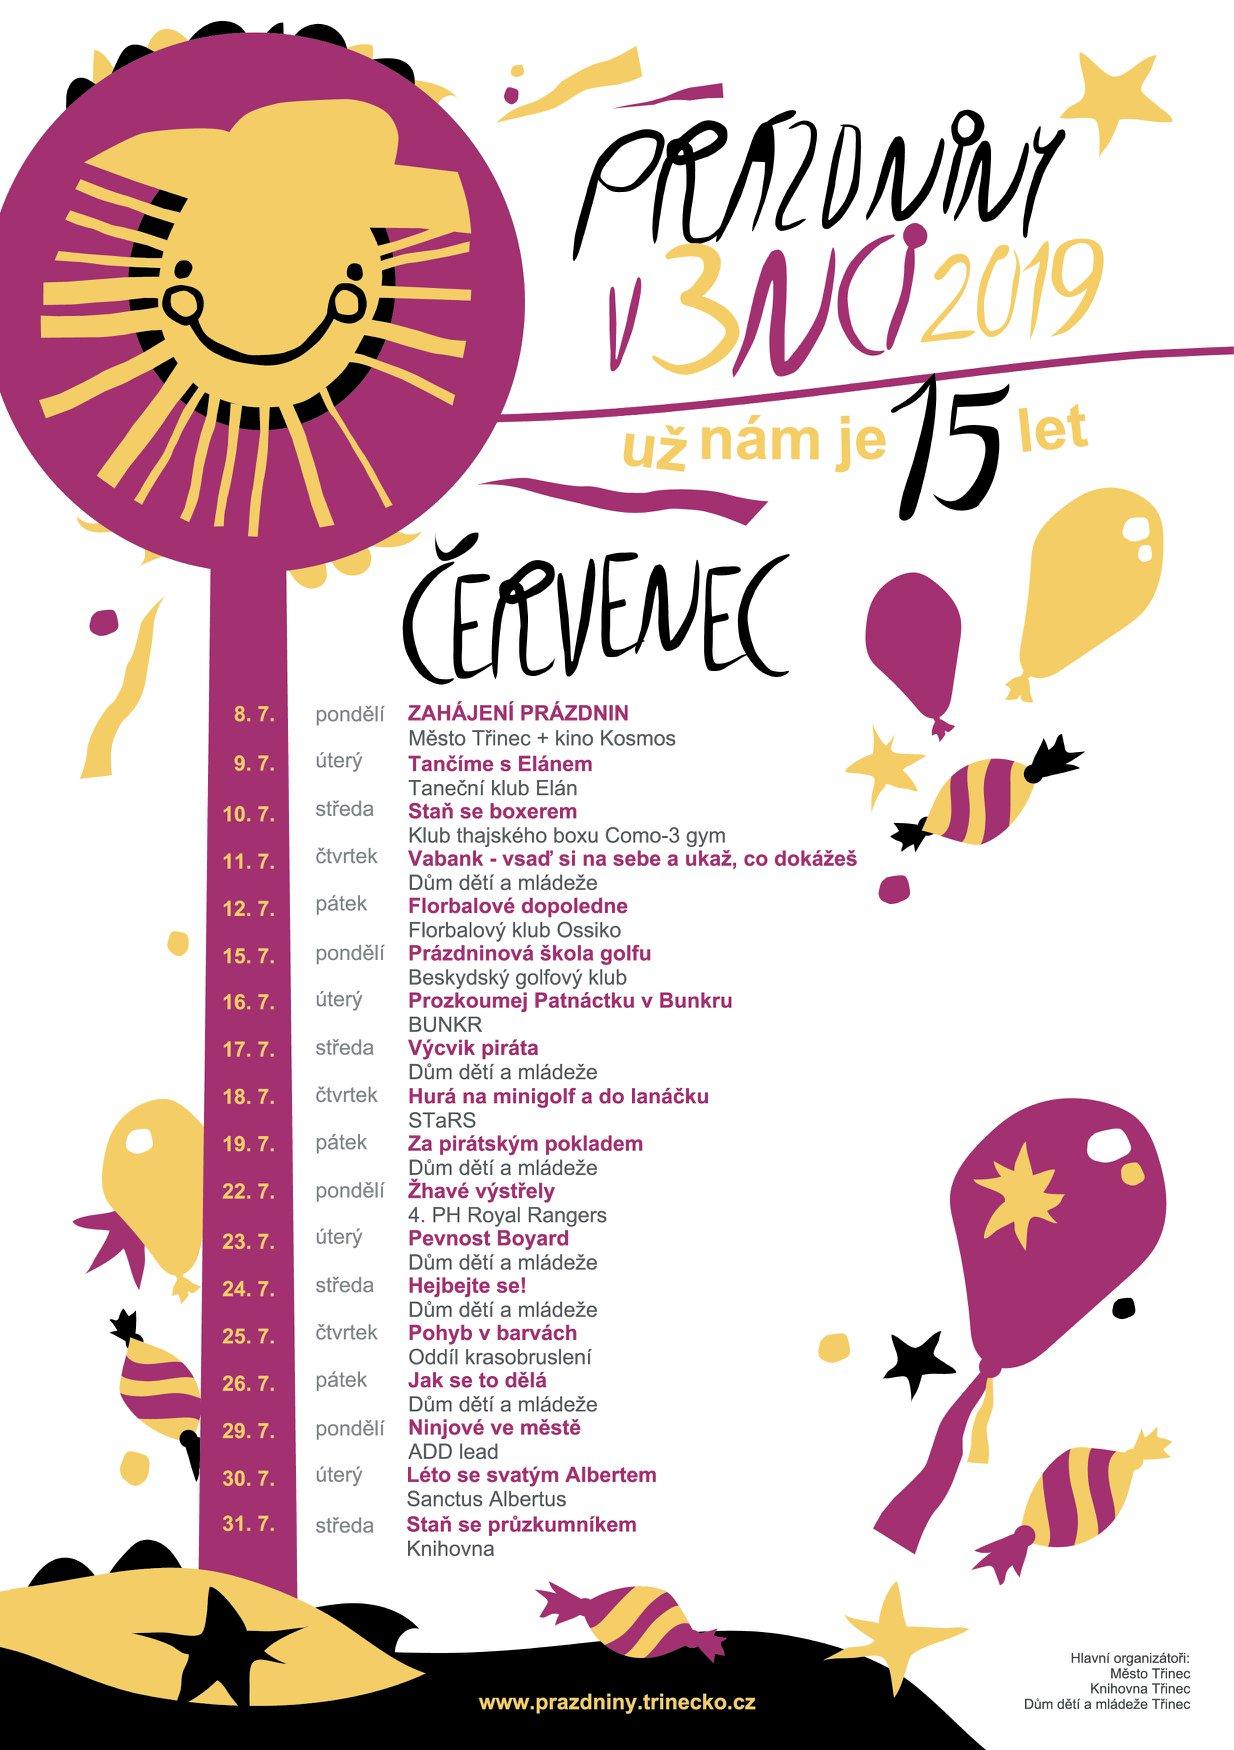 Prázdniny v 3nci 2019 červenec program